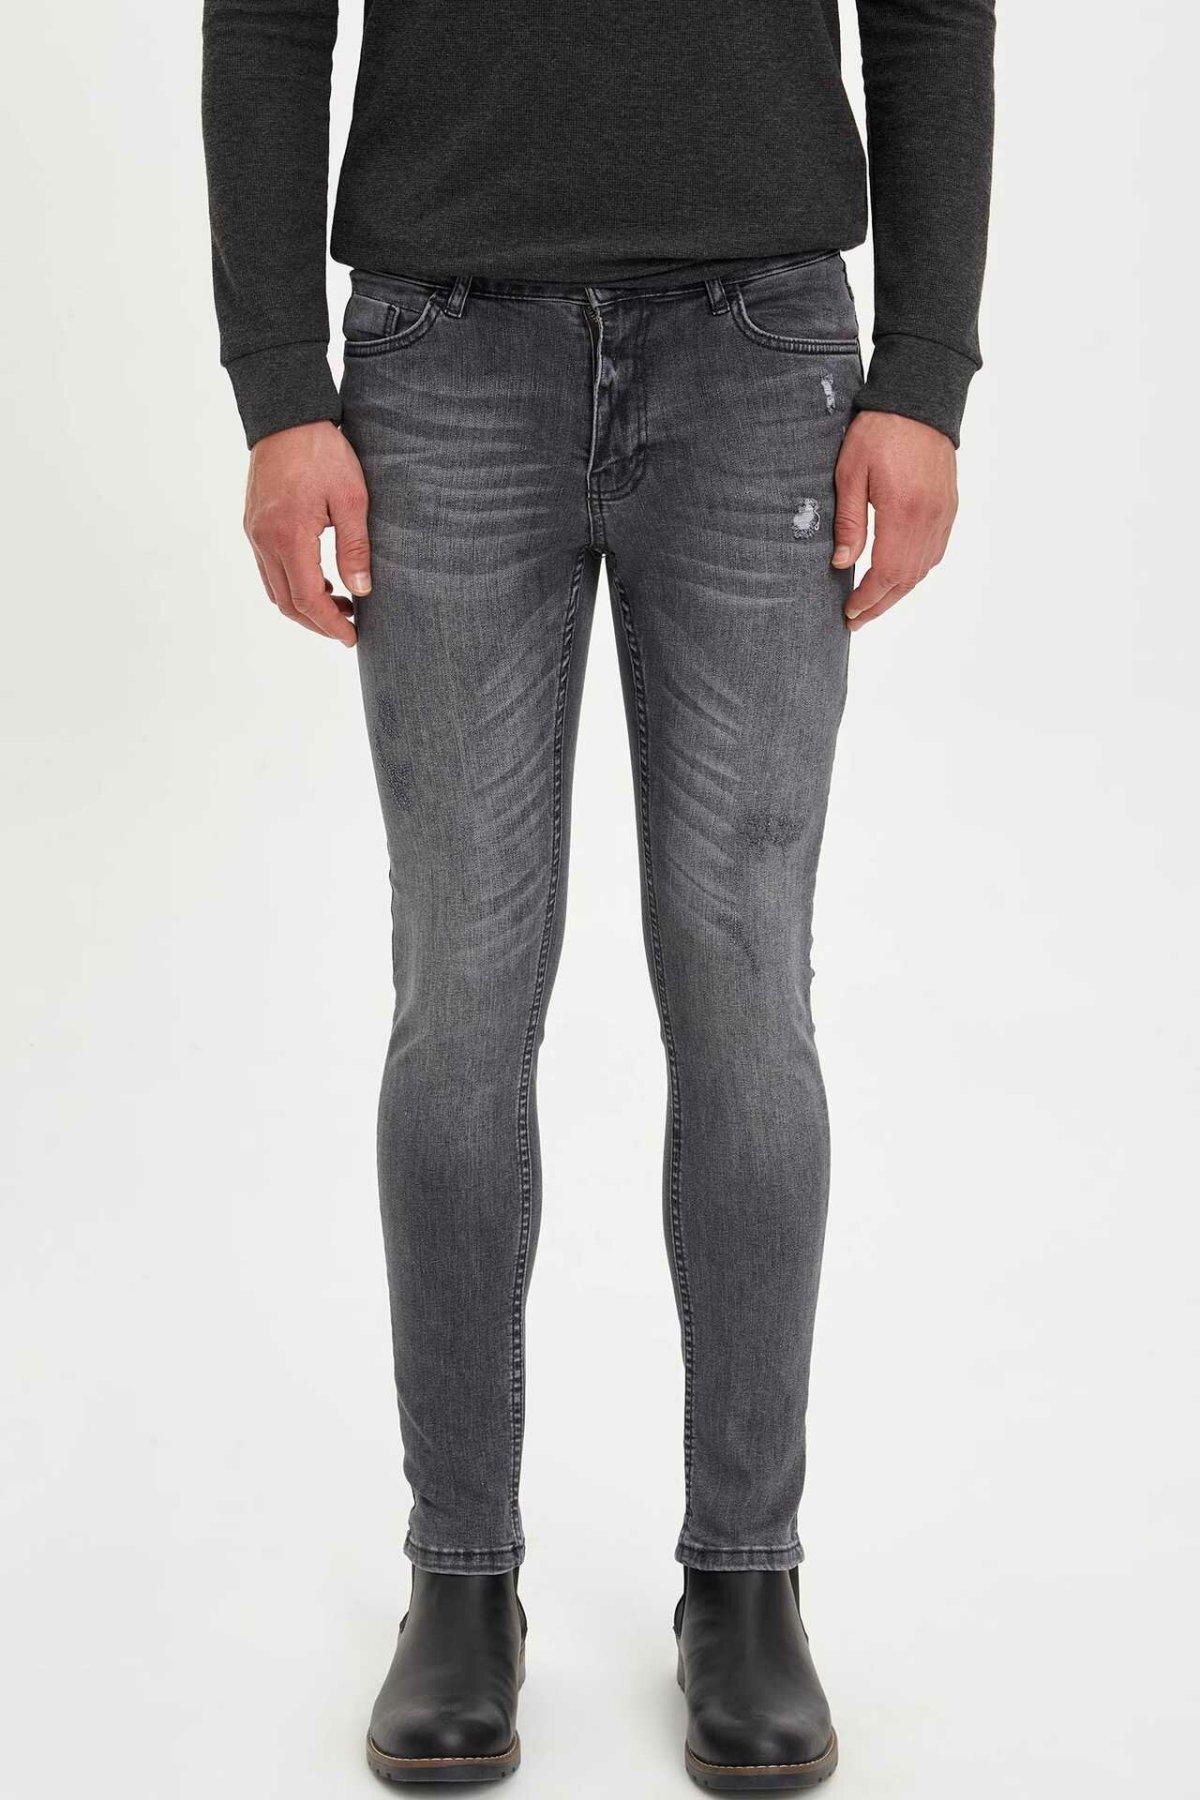 DeFacto Man Light Grey Mid-waist Denim Jeans Men Casual Slim Pencil Denim Jeans Male Washed Soft Denim Trousers-L1836AZ19AU